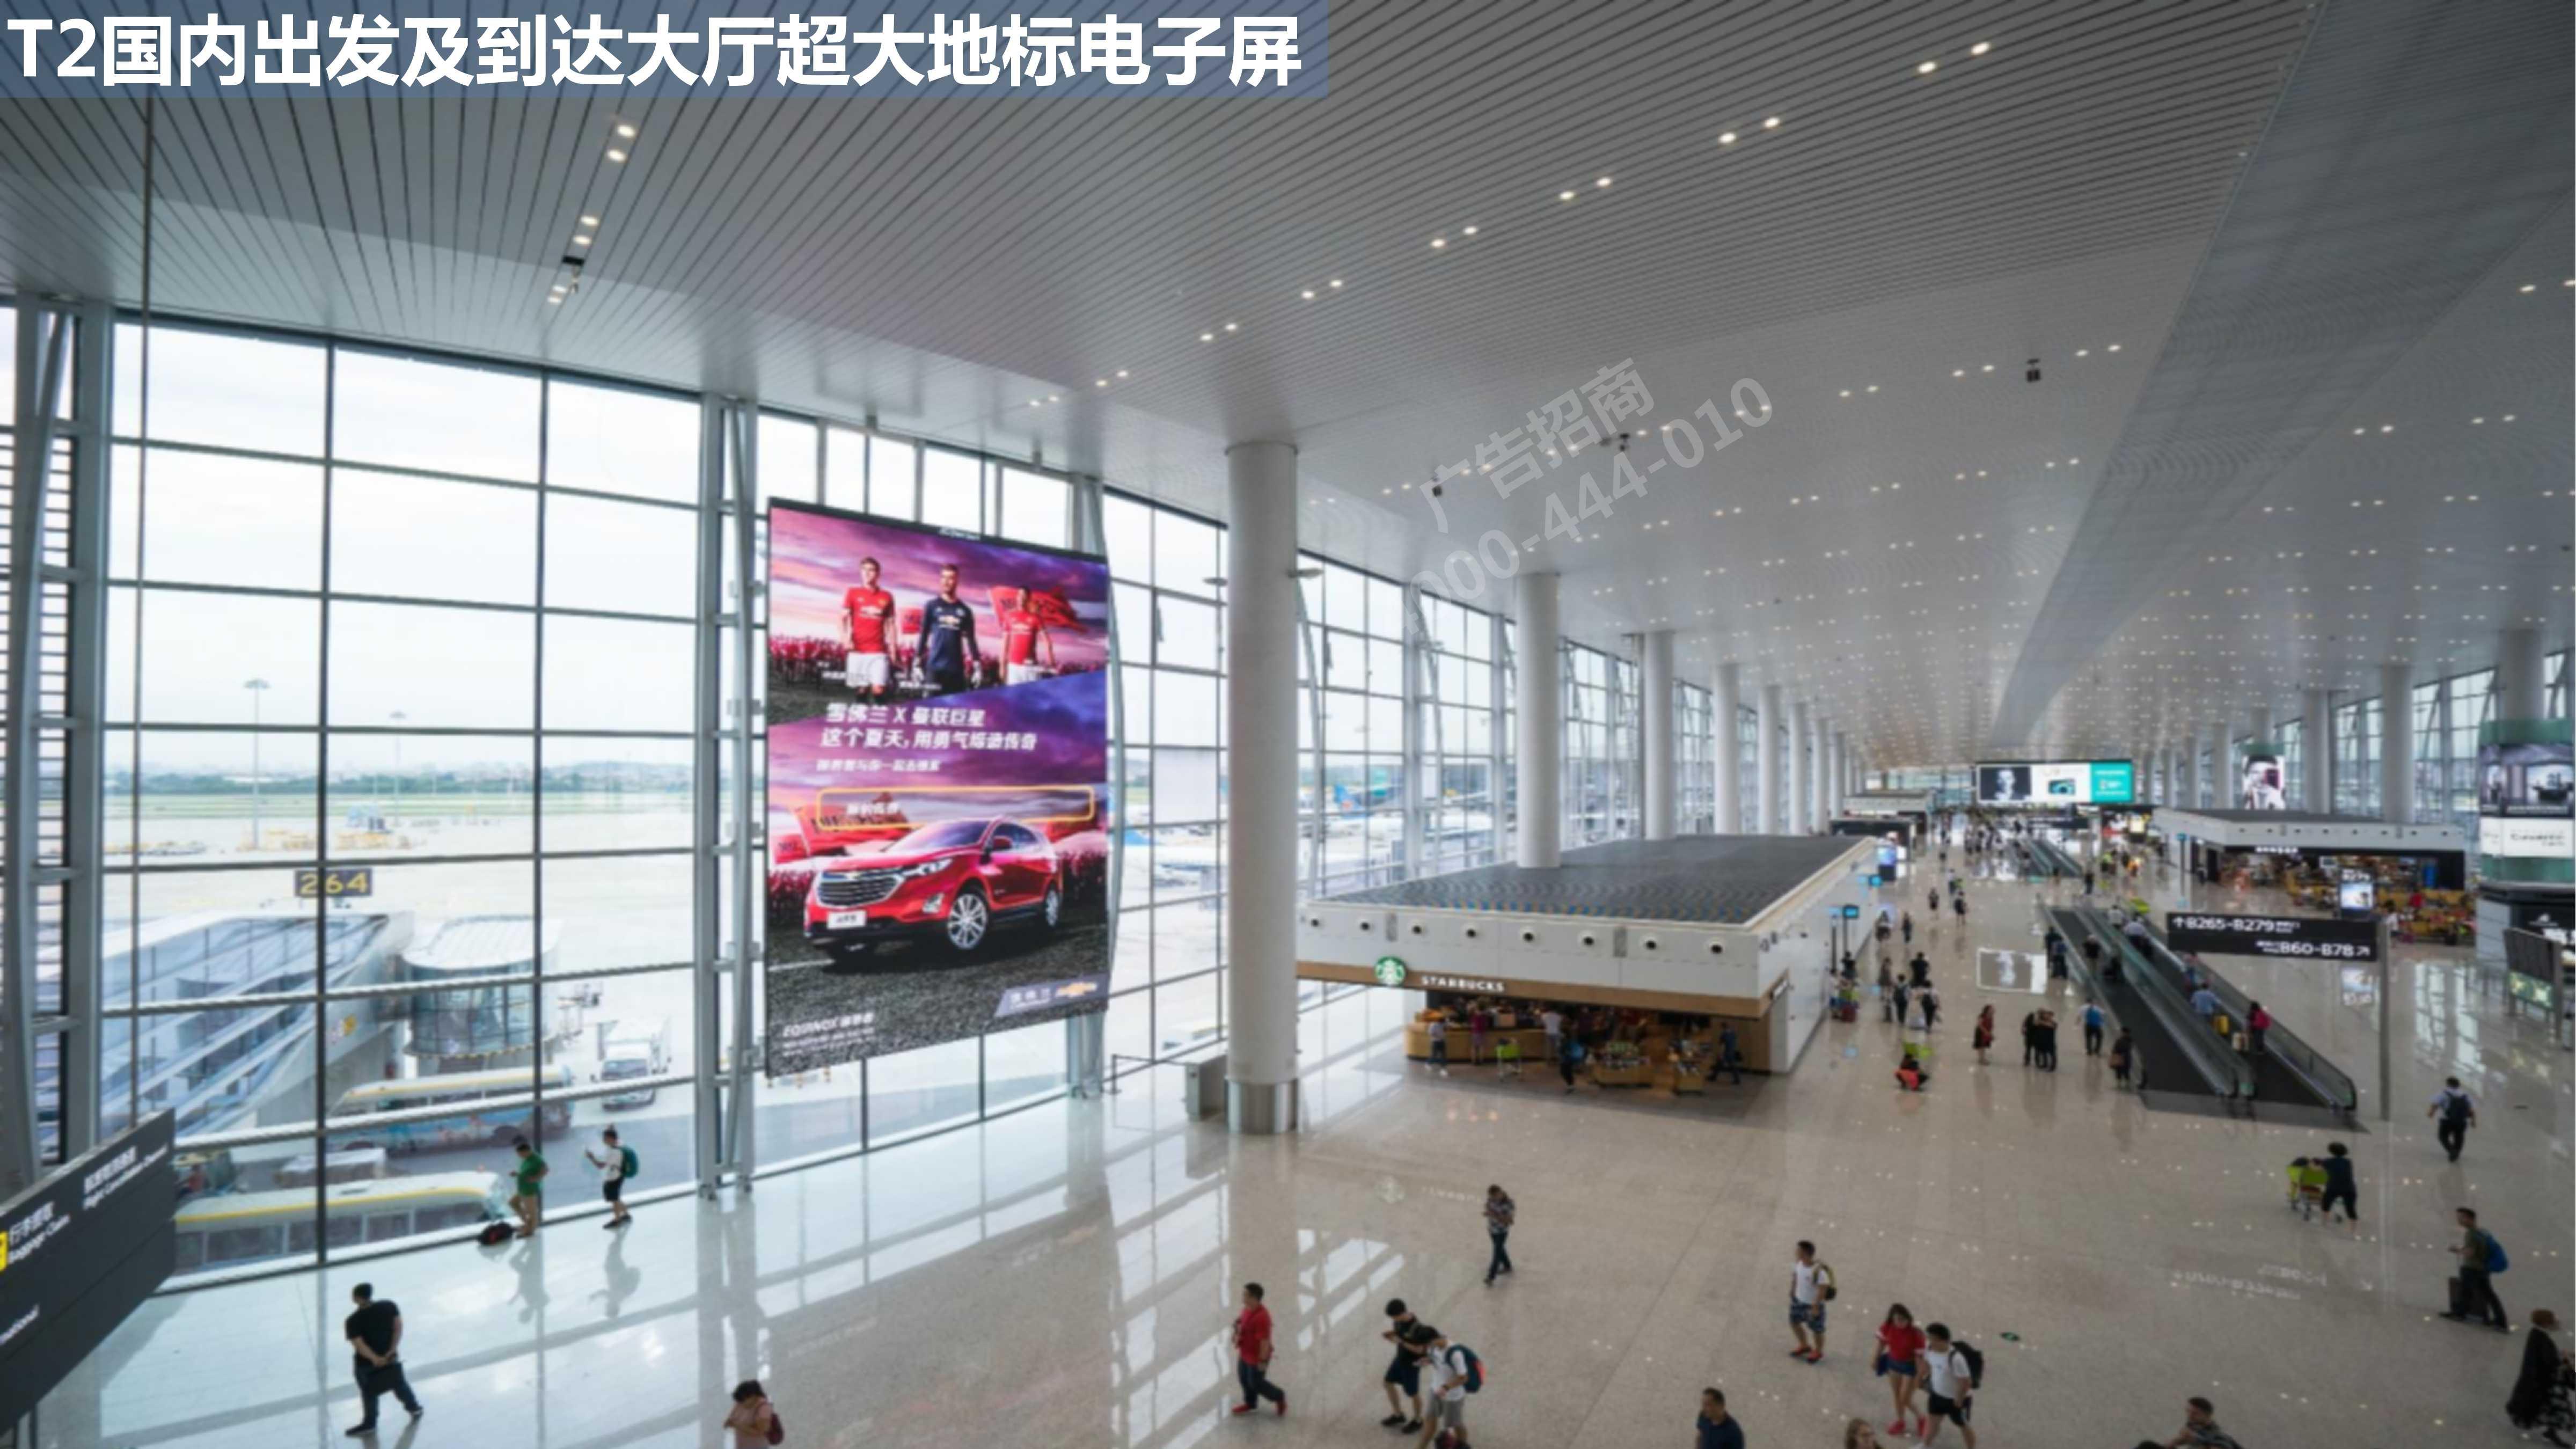 广州机场广告出发及到达电子屏